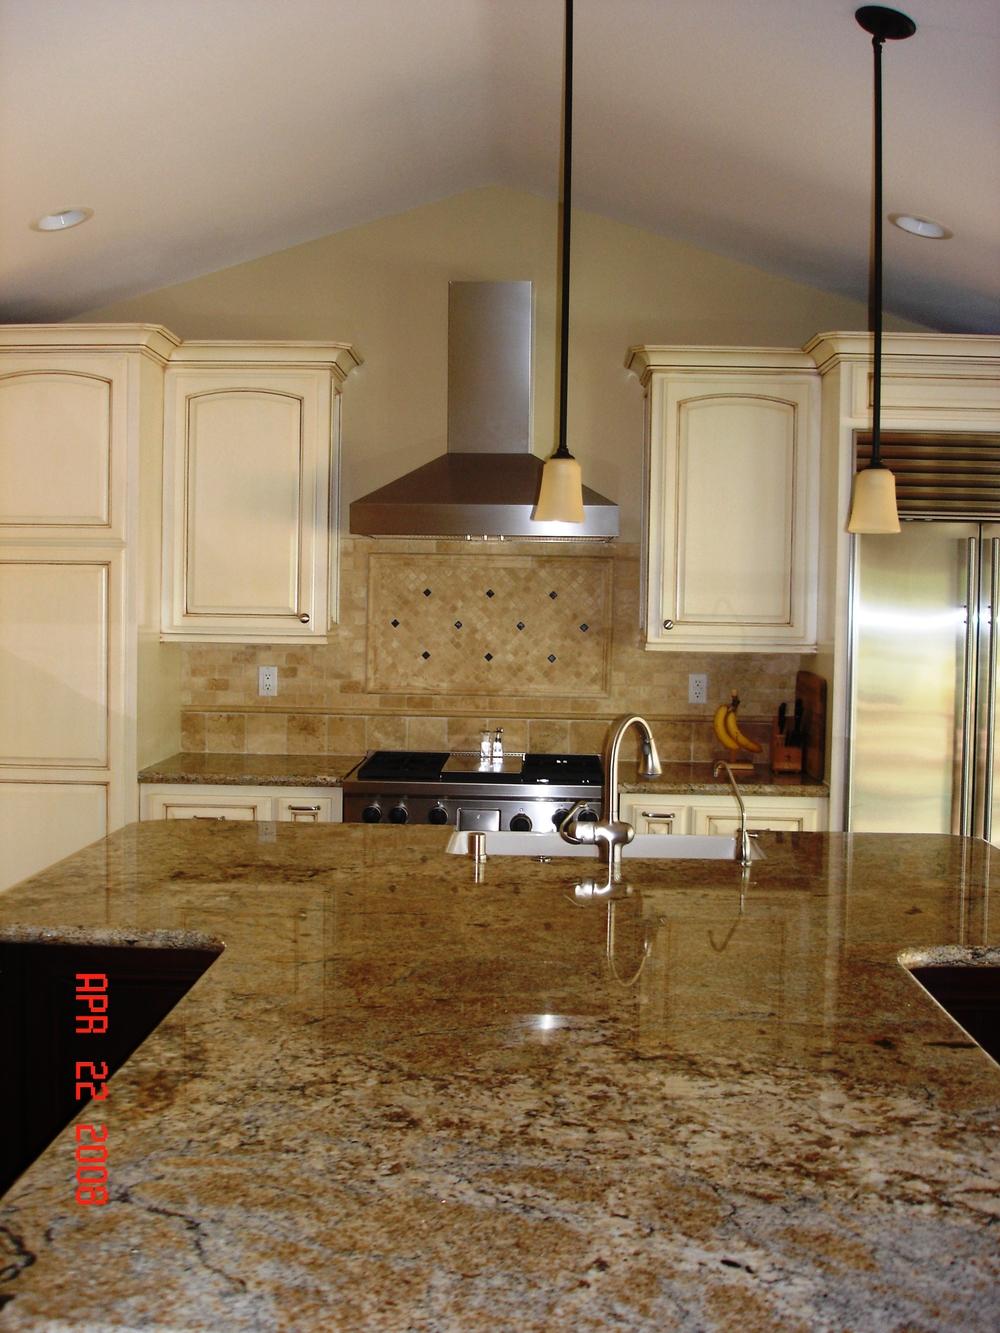 Hart kitchen 1.jpg